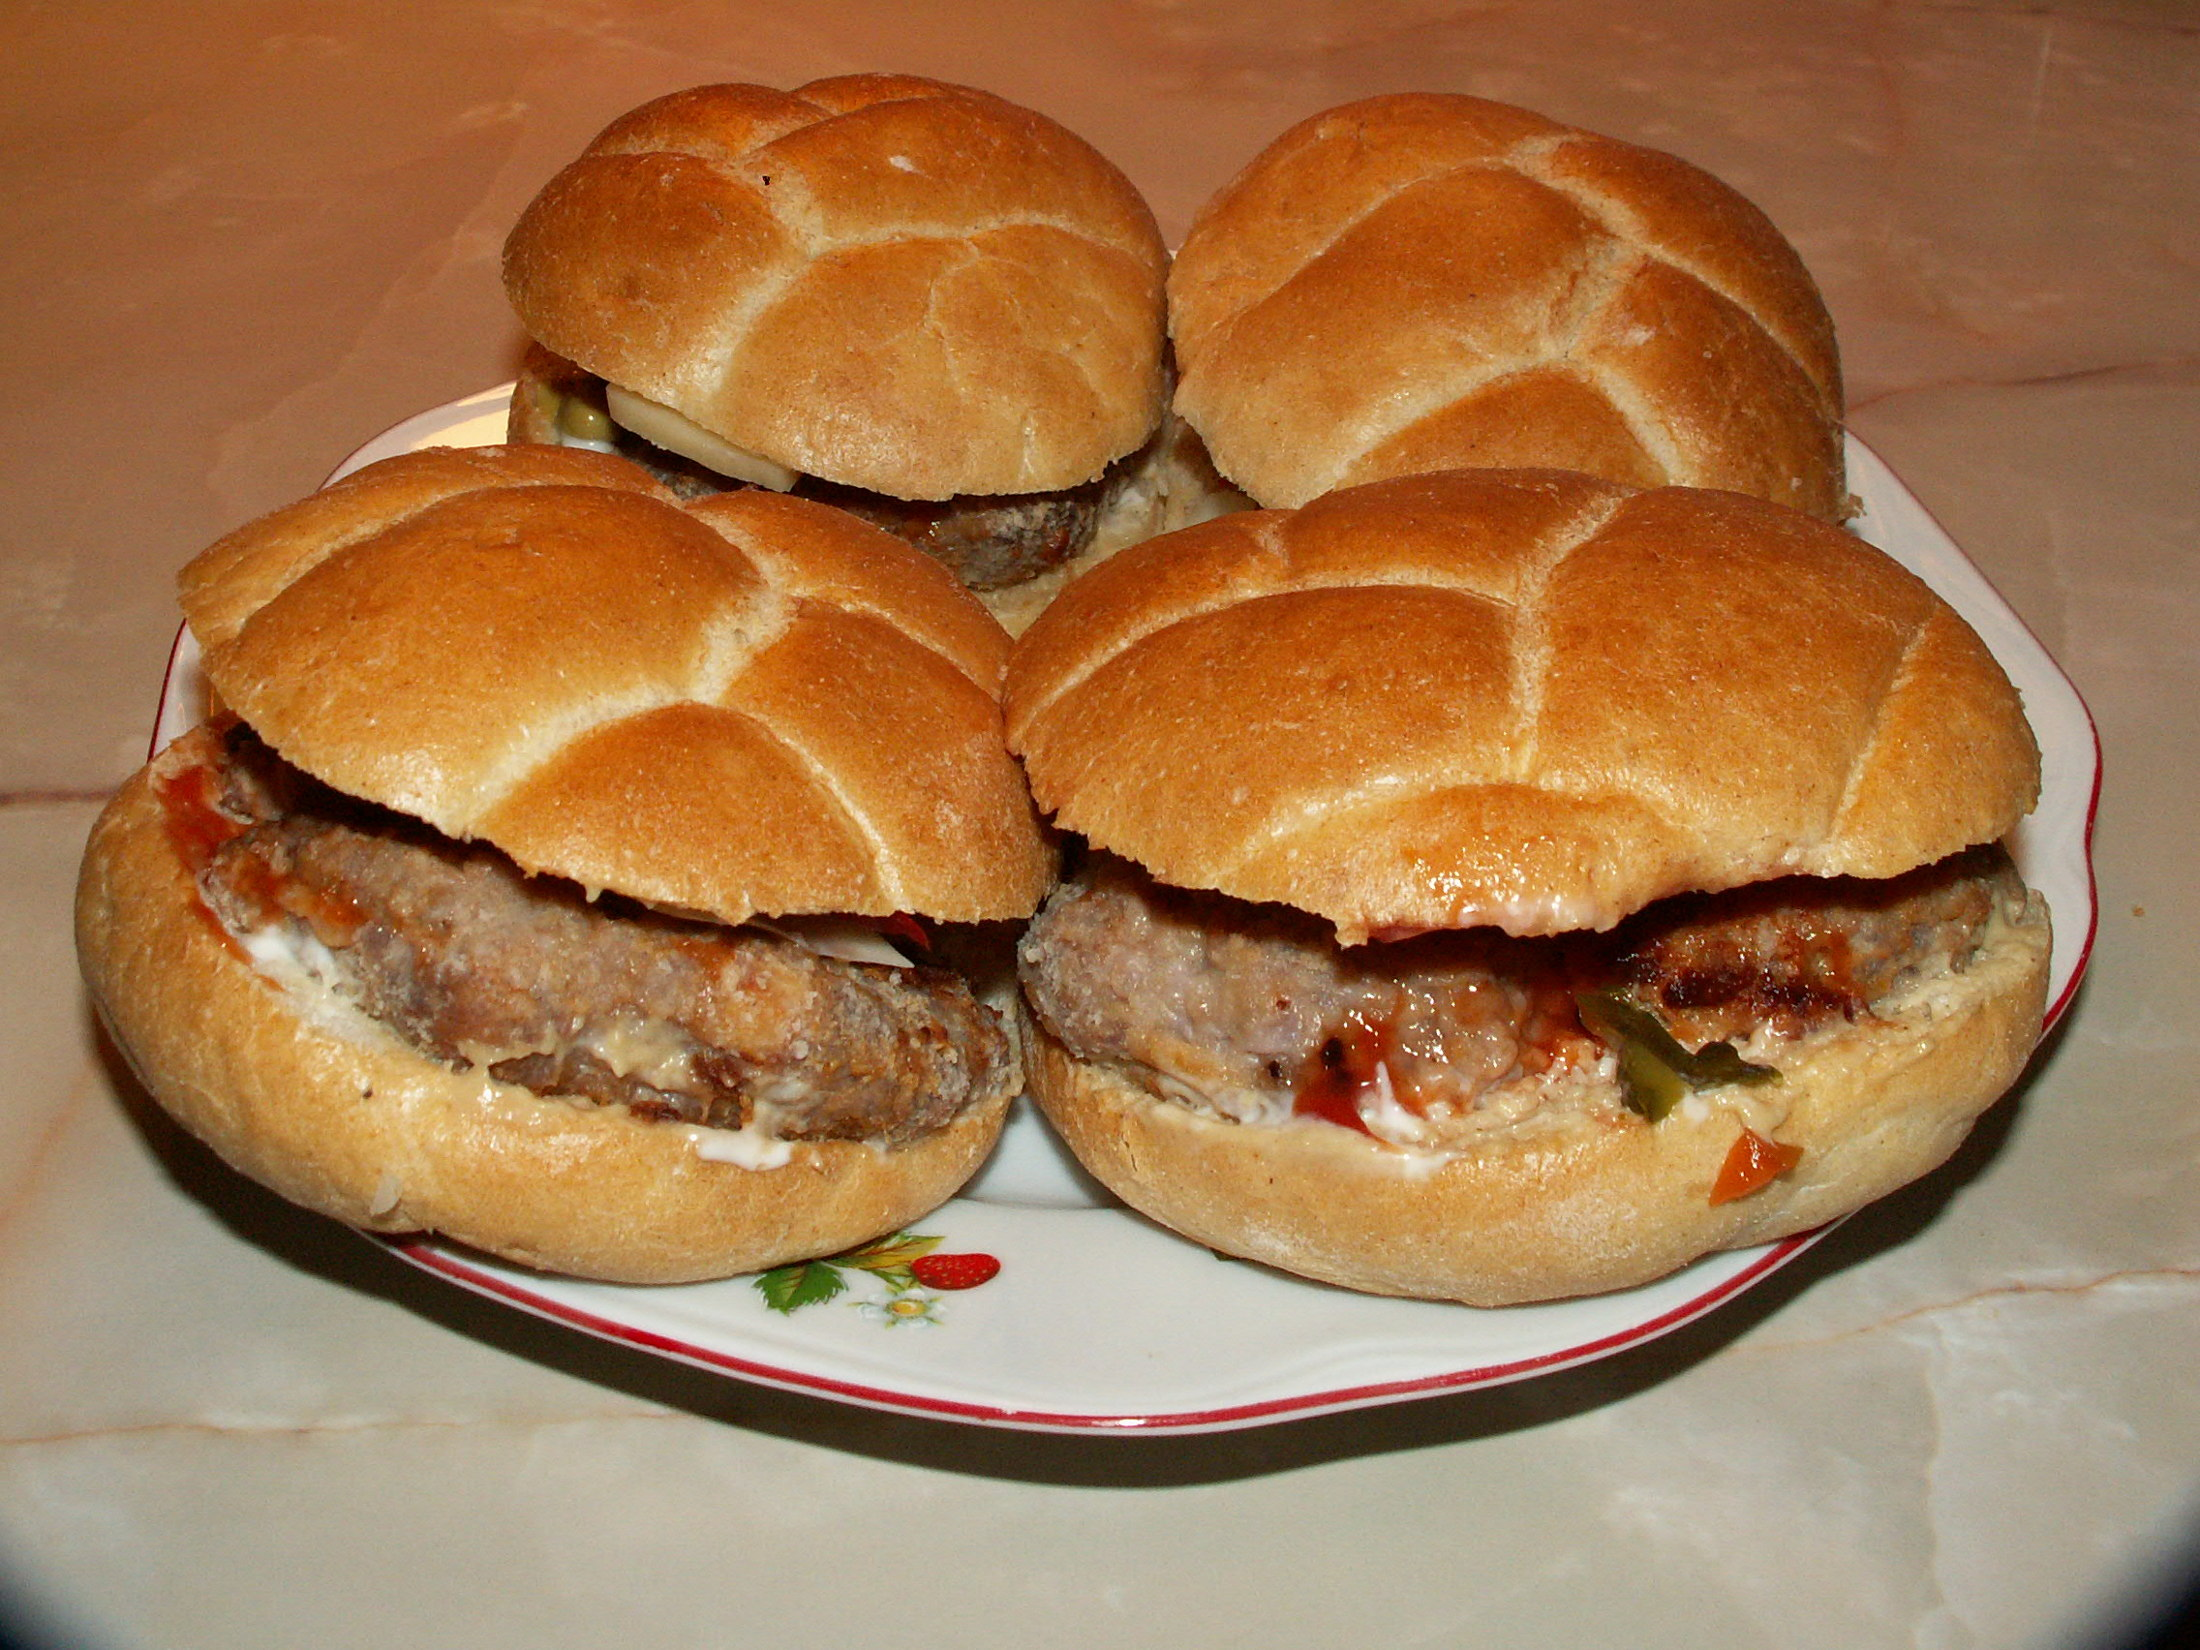 Recept Domácí hamburgery - Dávám je ještě zapéct na chvíli do trouby.